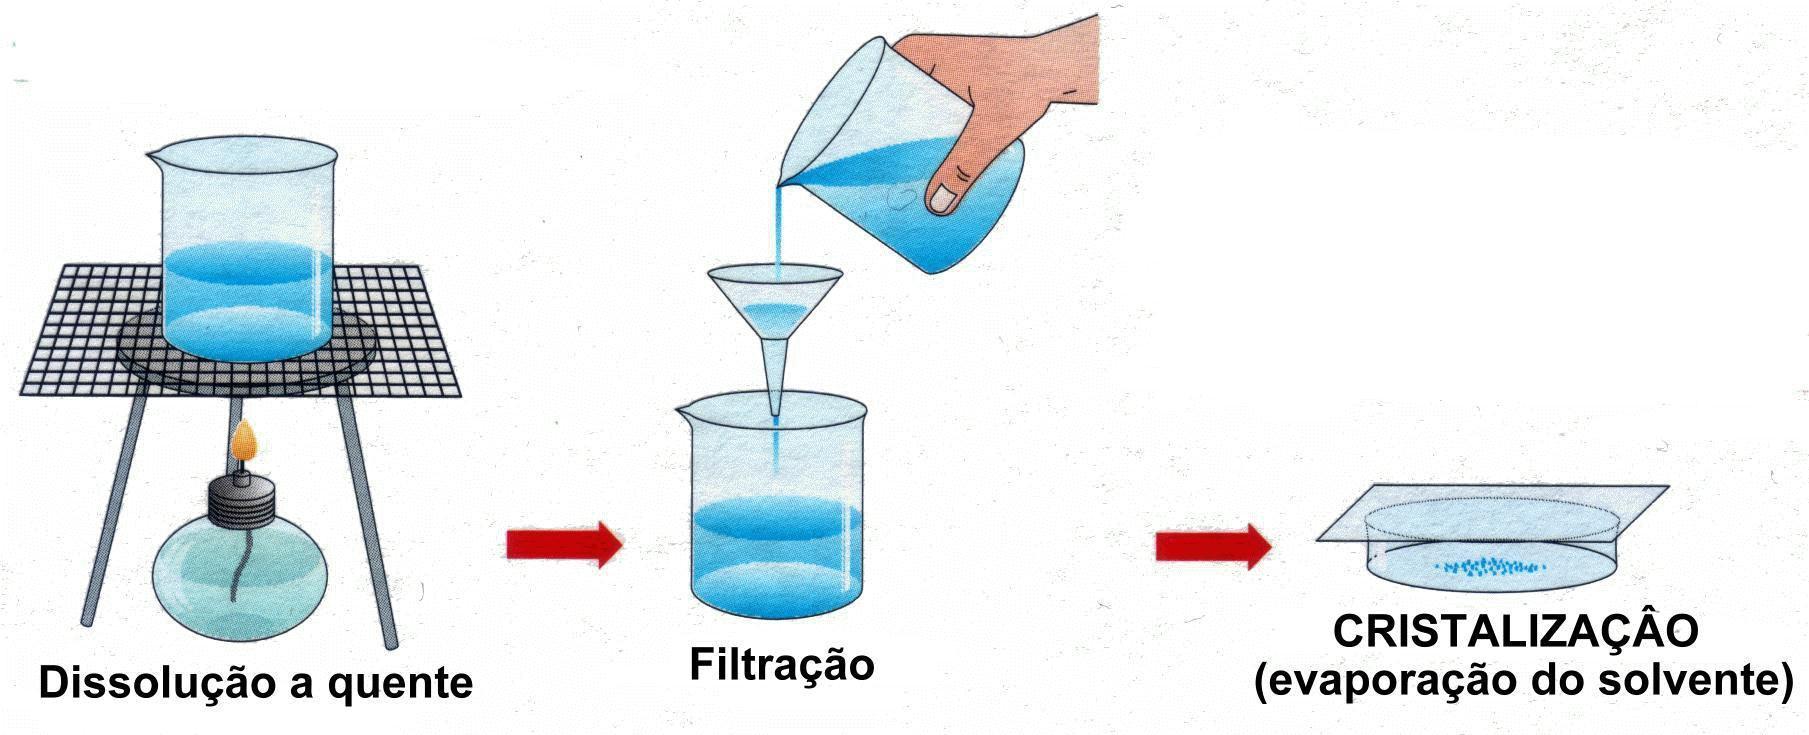 Separação de misturas homogêneas - Cristalização e evaporação